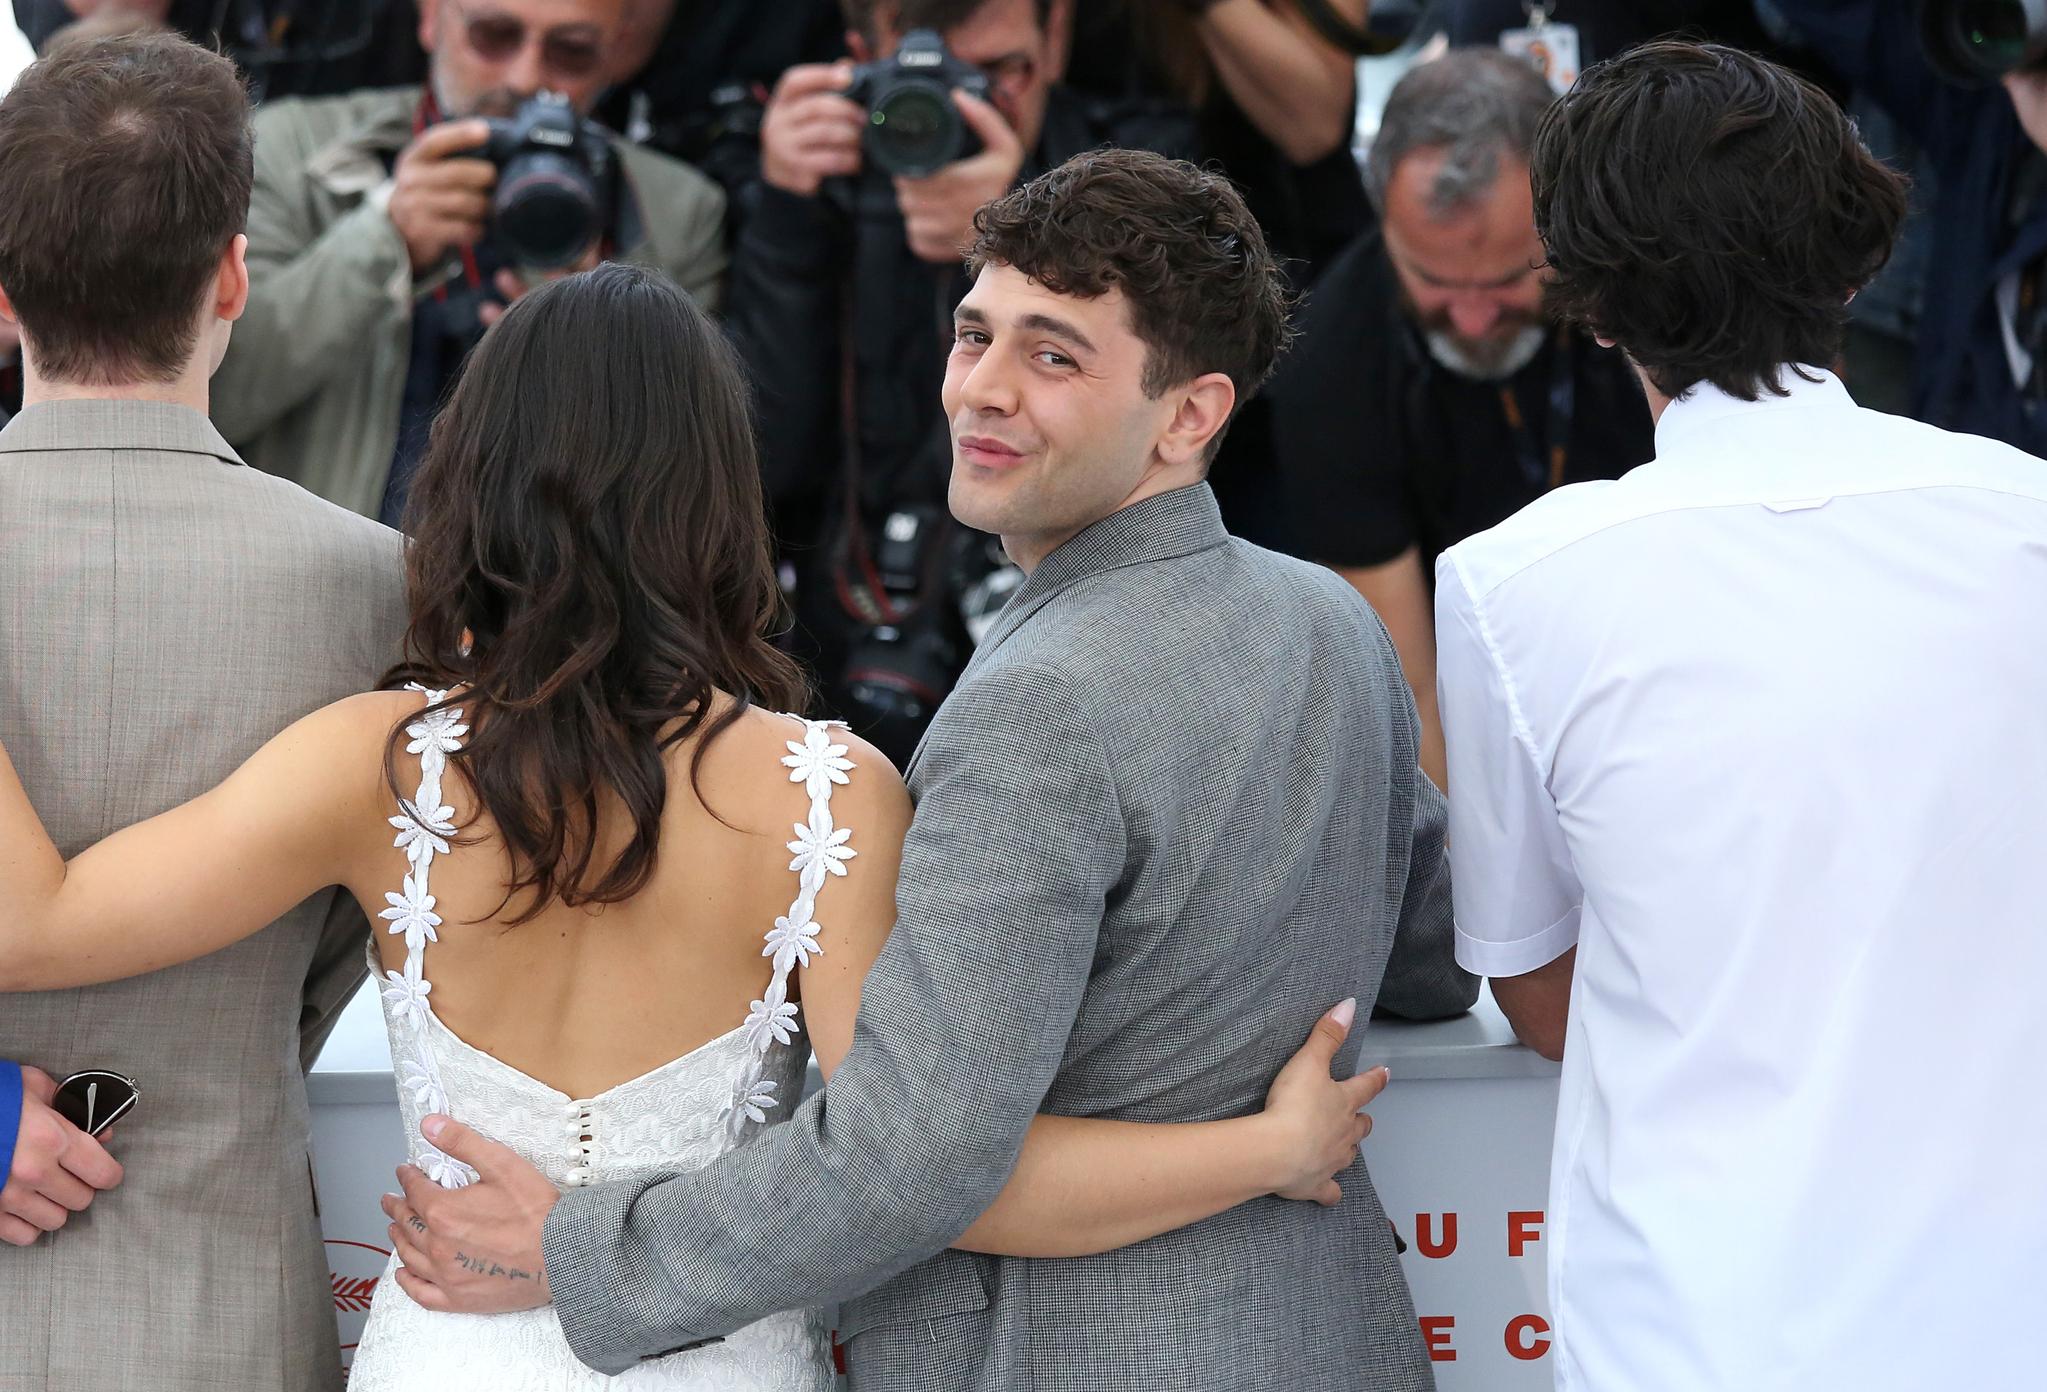 감독 자비에 돌란이 23일 오후(현지시간) 프랑스 칸 팔레 드 페스티발에서 열린 '제 72회 칸 국제영화제'(Cannes Film Festival) 경쟁부문 진출작 '마티아스 앤드 맥심'(MATTHIAS AND MAXIME) 포토콜에 참석해있다.[UPI=연합뉴스]